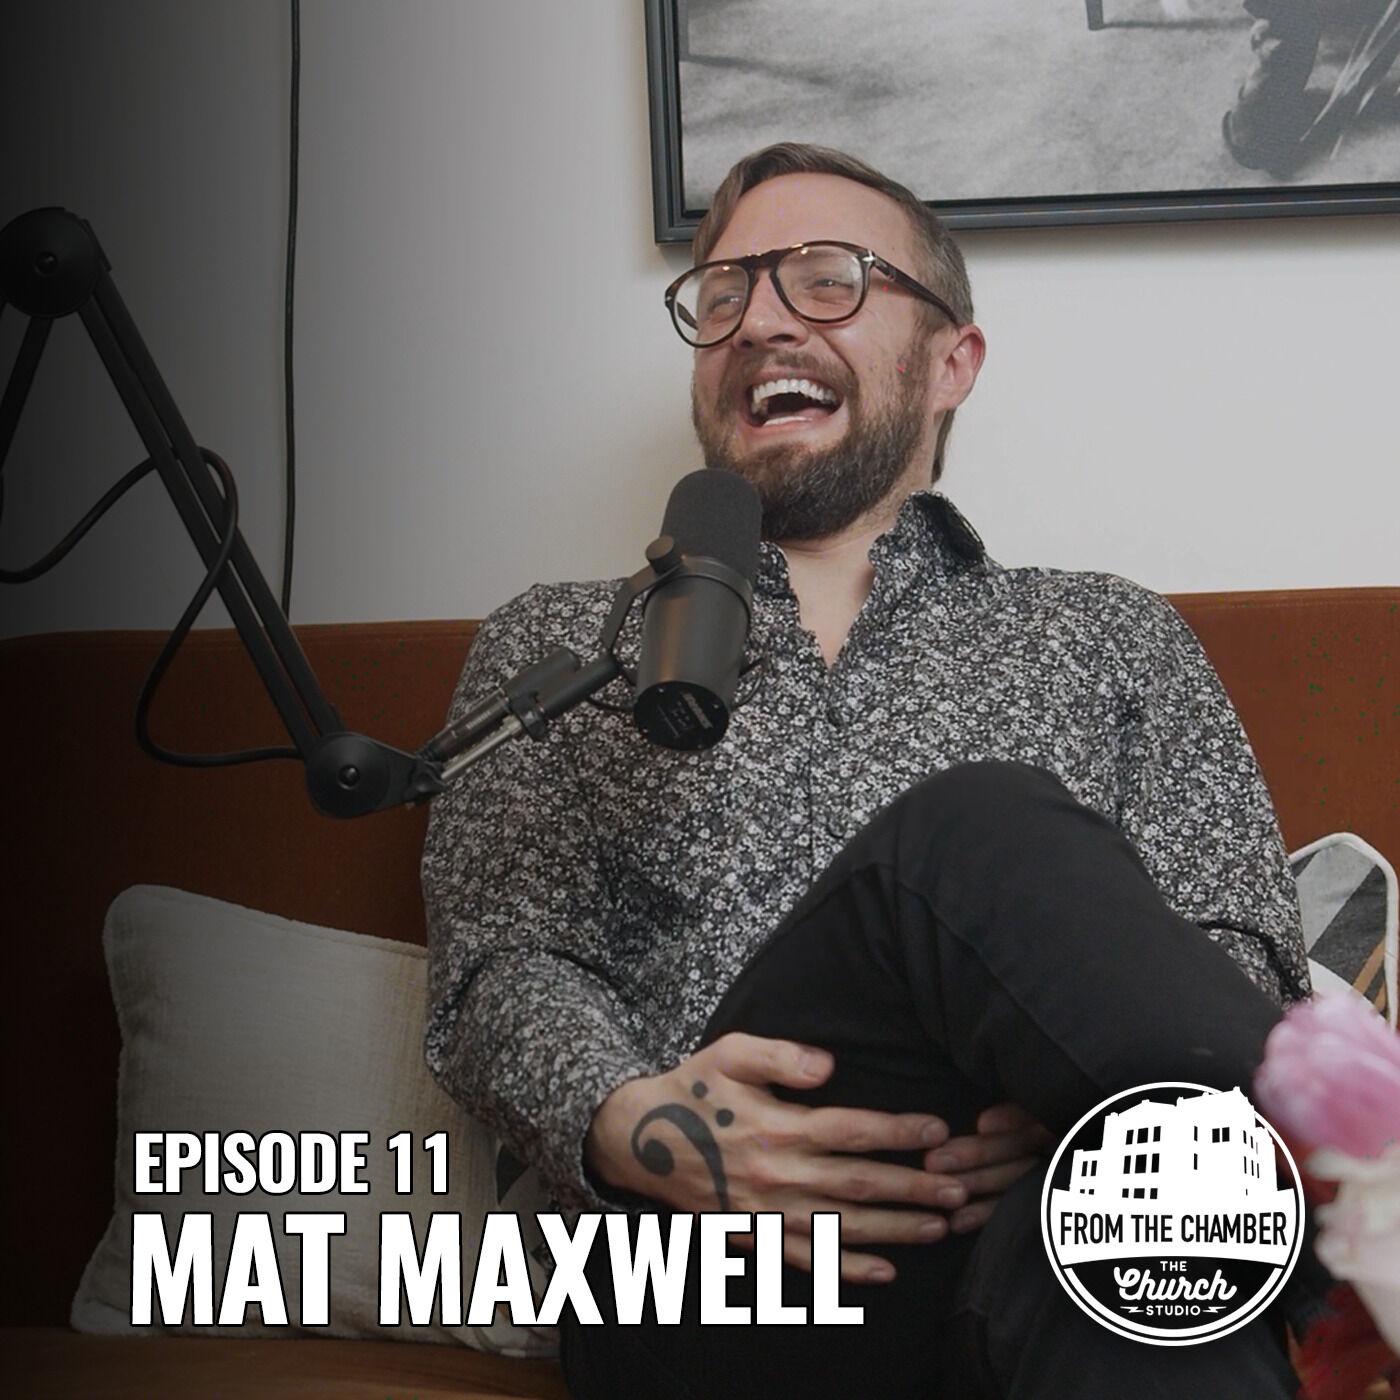 EPISODE 11 - MAT MAXWELL